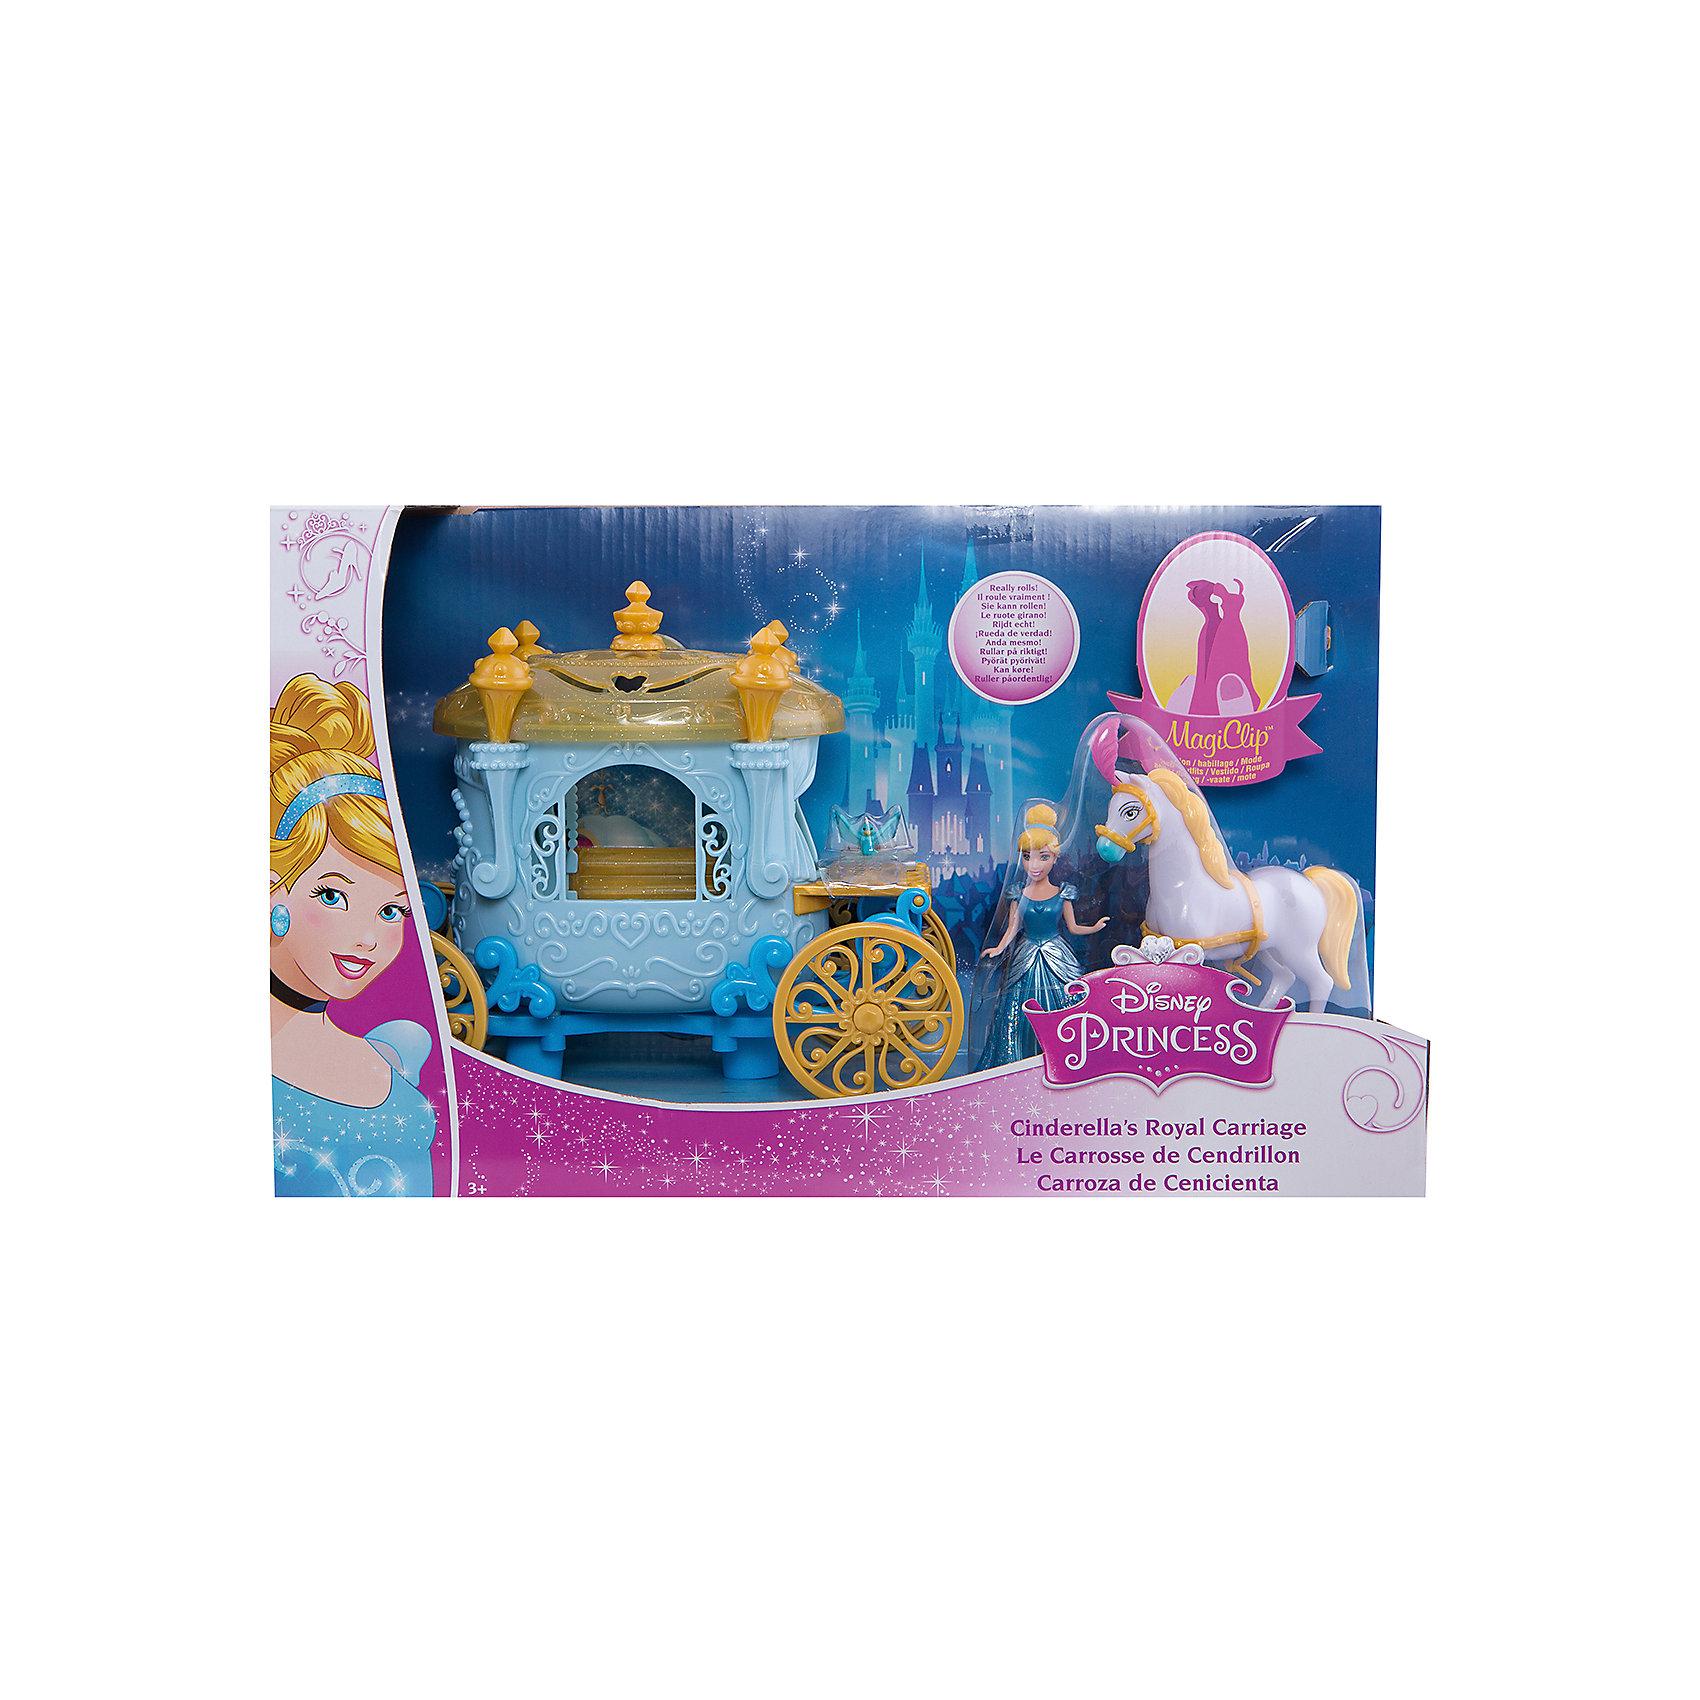 Mattel Кукла Золушка, в наборе с каретой и лошадью, Принцессы Дисней, Mattel кукла mattel mattel кукла золушка принцессы диснея балерина